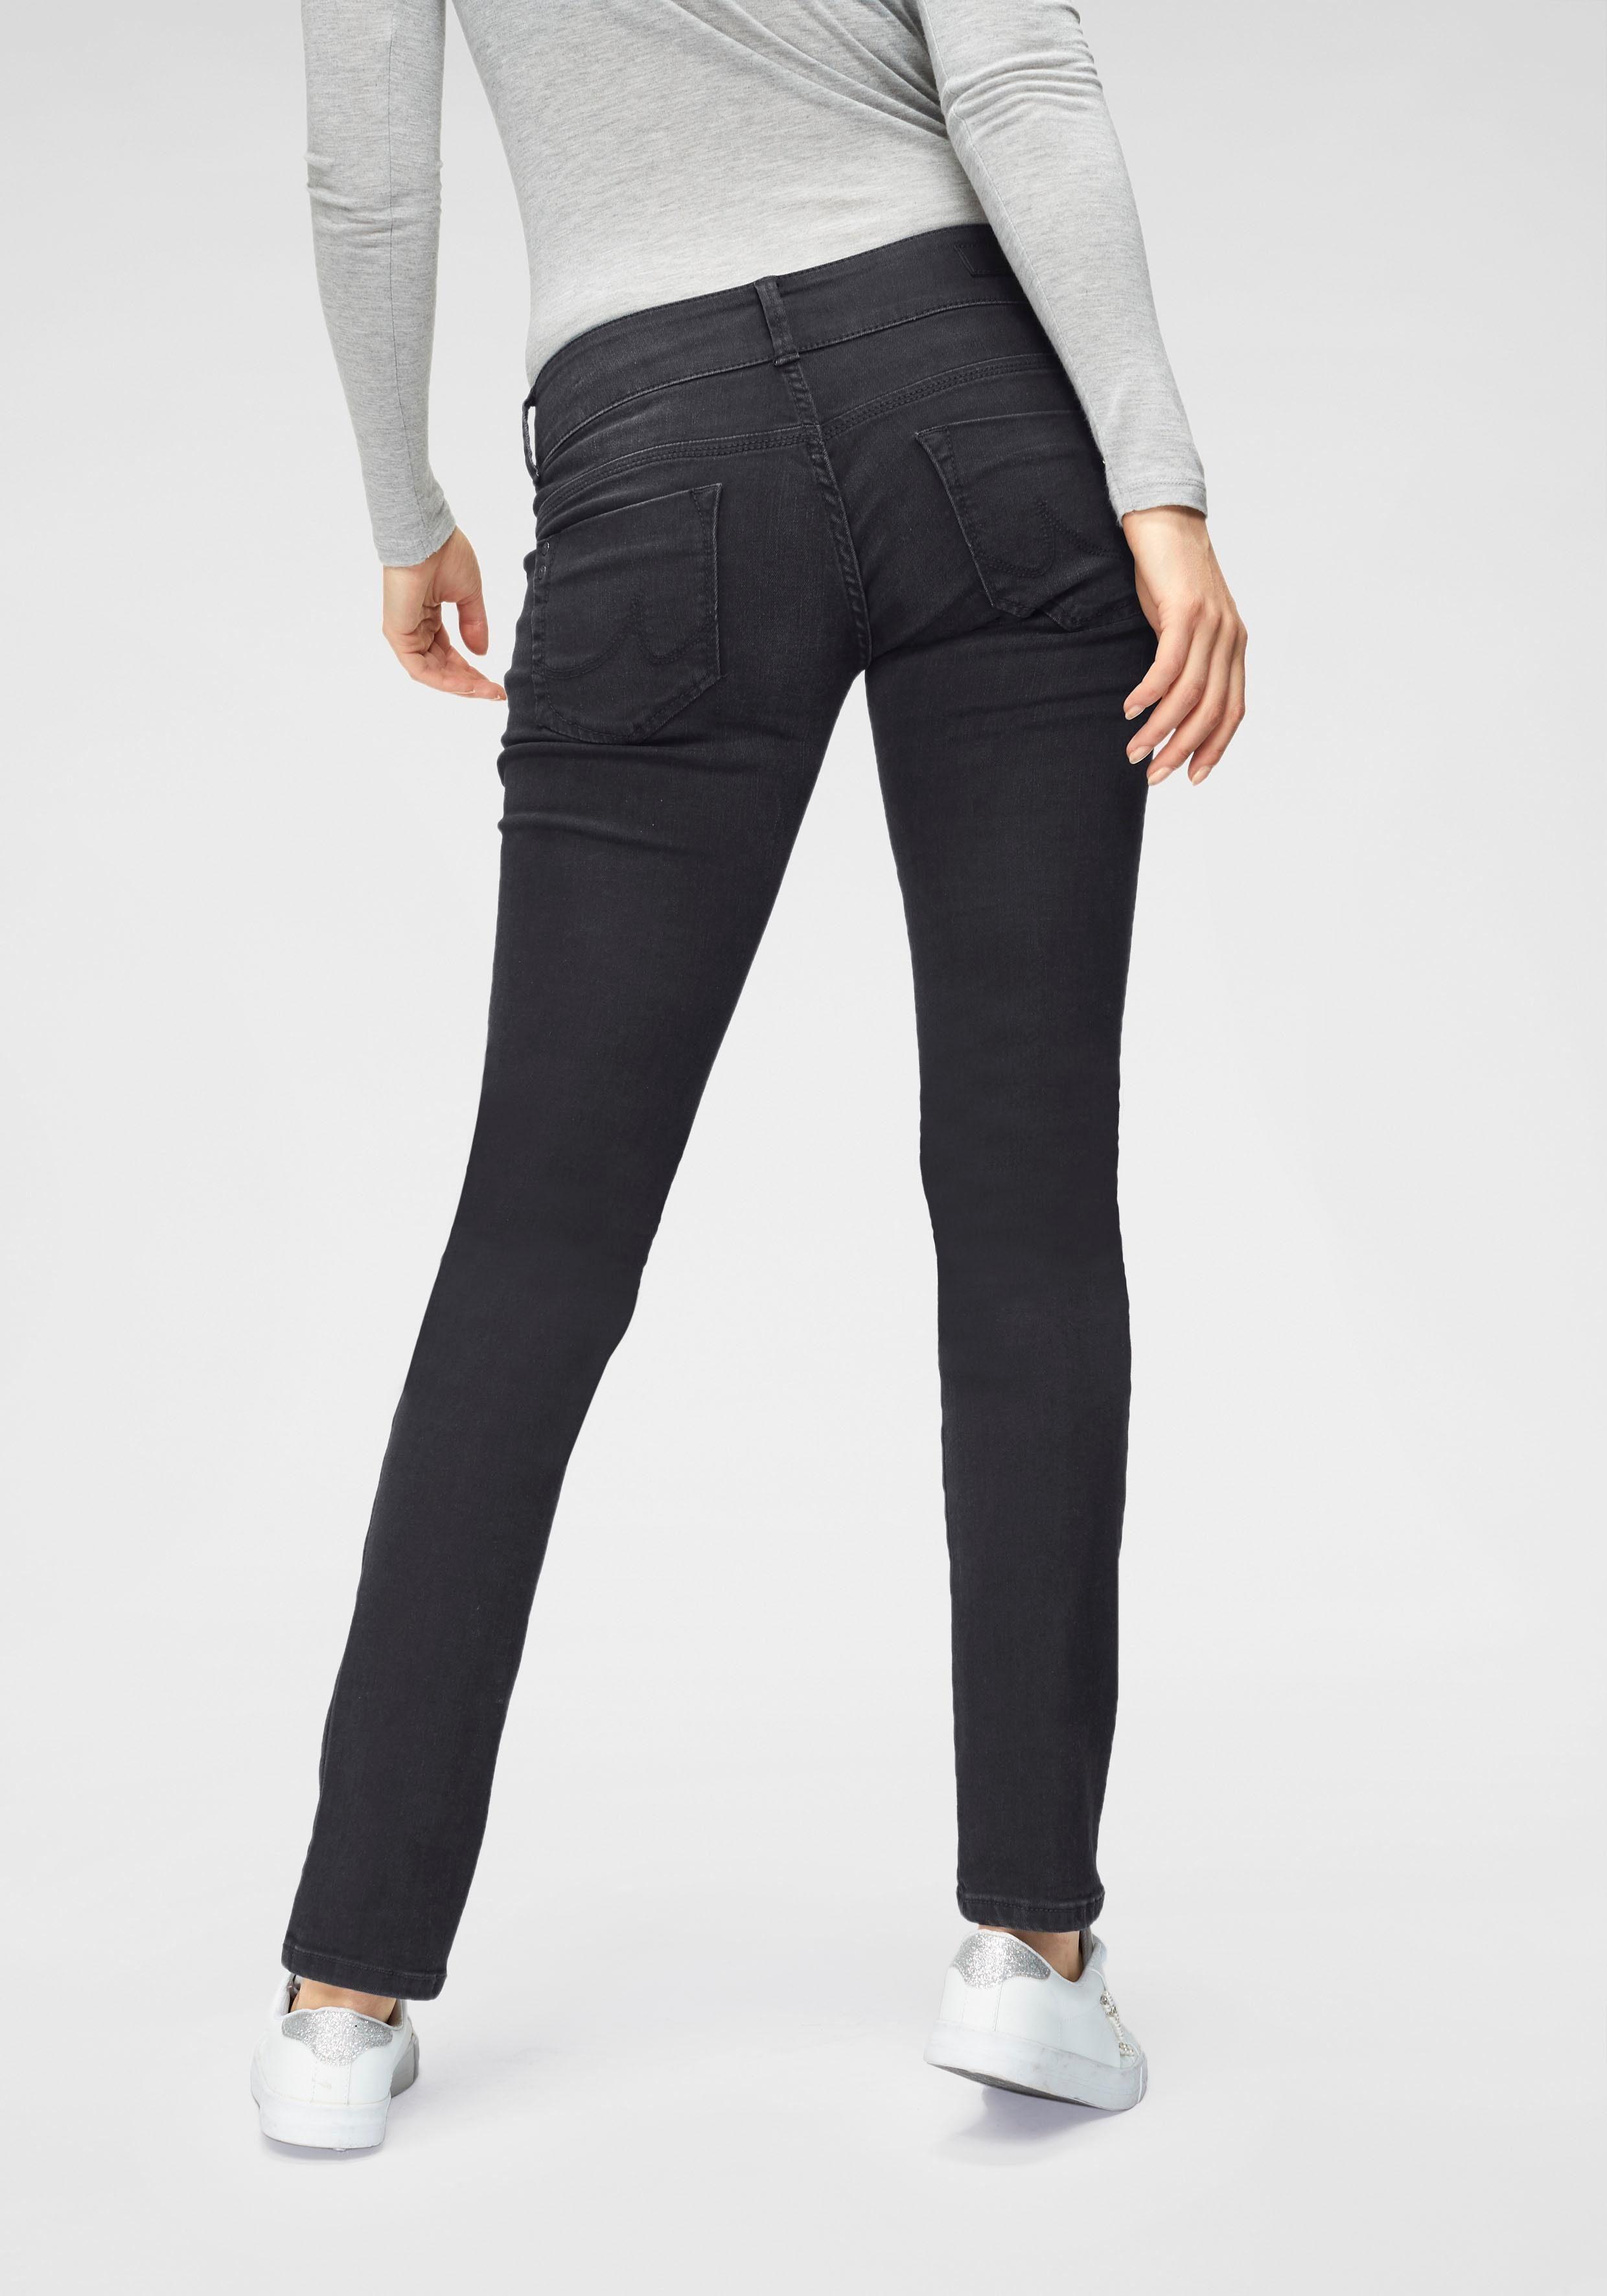 LTB Slim fit Jeans »MOLLY« mit komfortablem Doppelknopf Bund online kaufen | OTTO